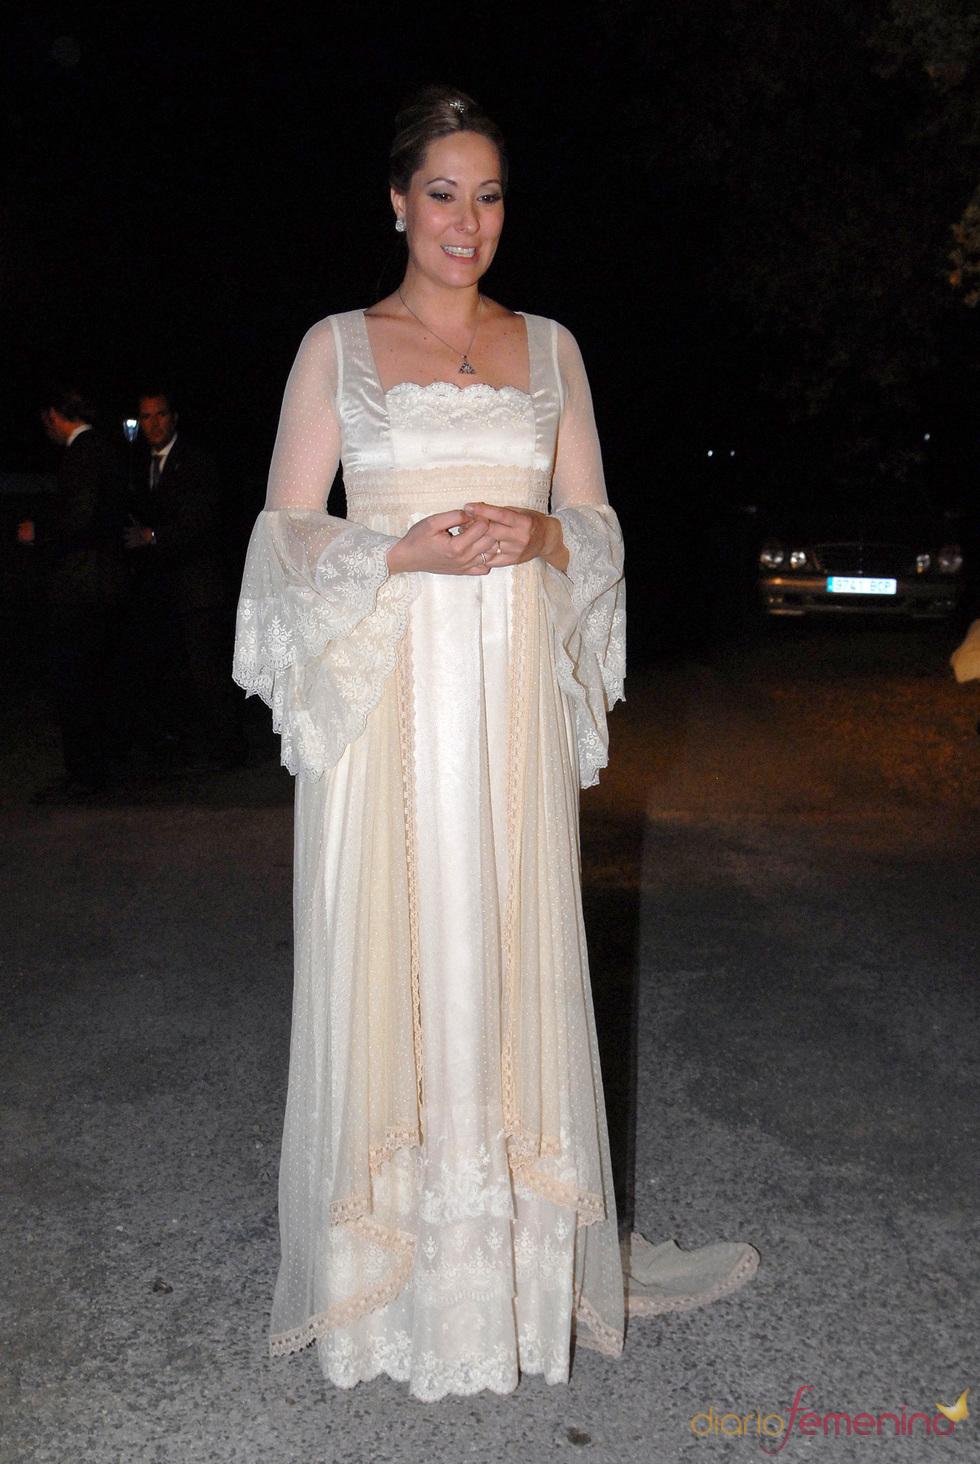 17587_chayo-mohedano-luce-un-vestido-de-aurora-gavino-el-dia-de-su-boda.jpg